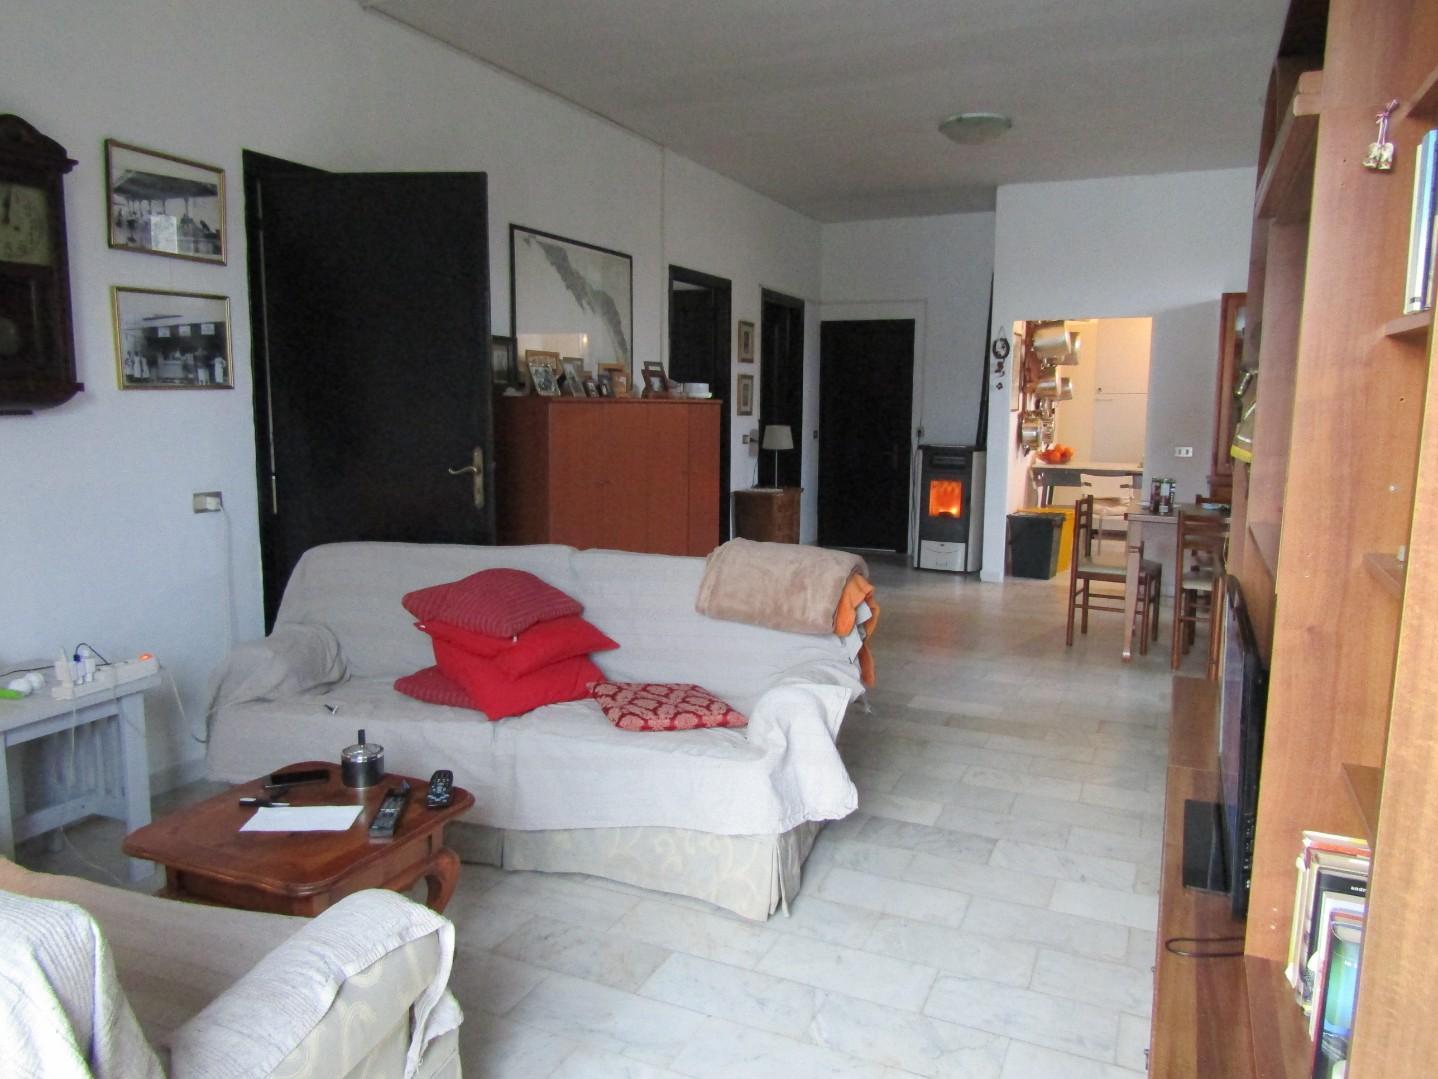 Casa indipendente con giardino a Carrara - marina di carrara - 01